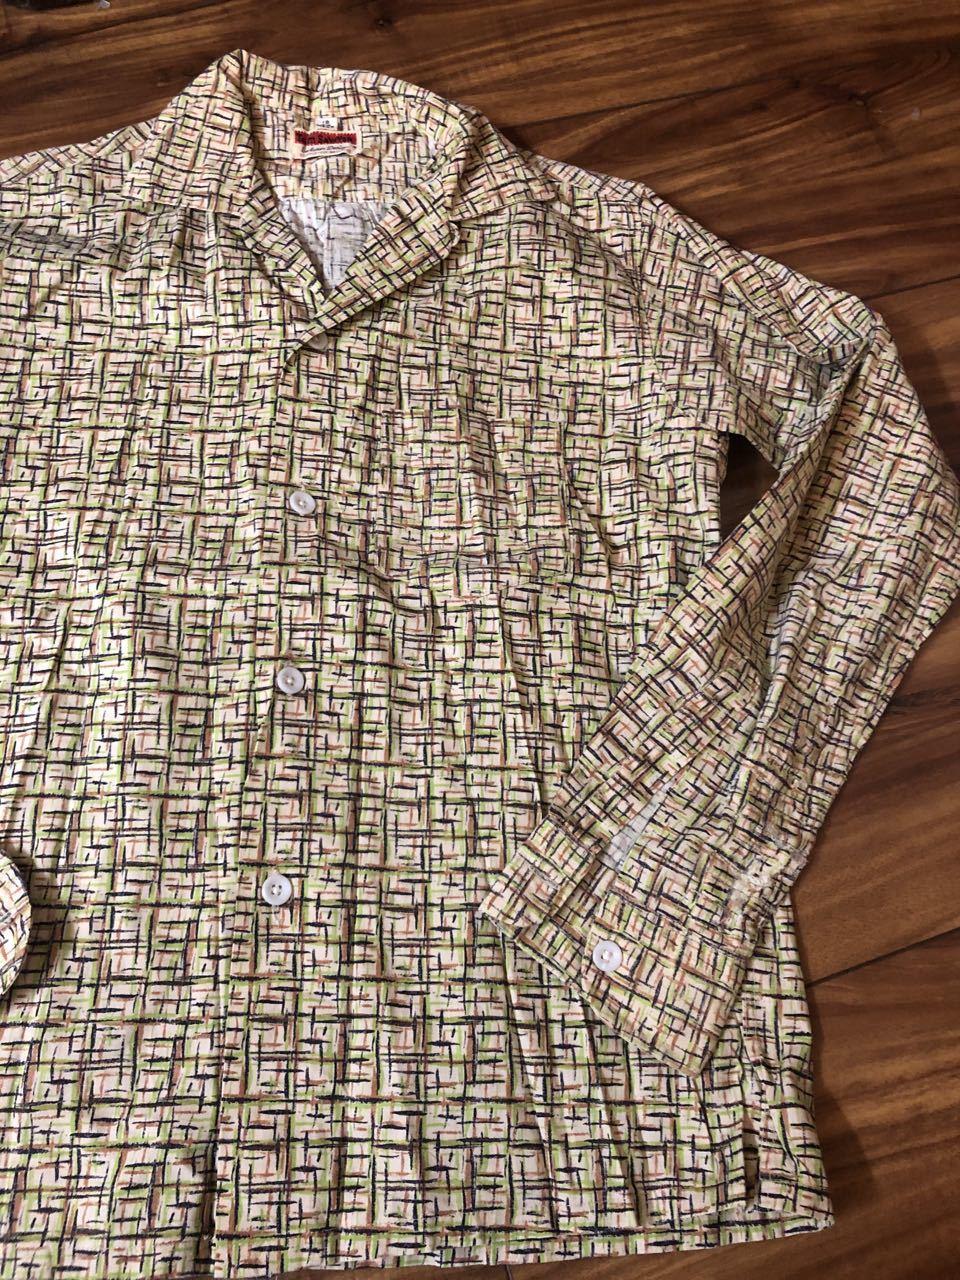 3月21日(土)入荷! 50s all cotton Tom Sawyer カスリ柄シャツ!_c0144020_17123217.jpg